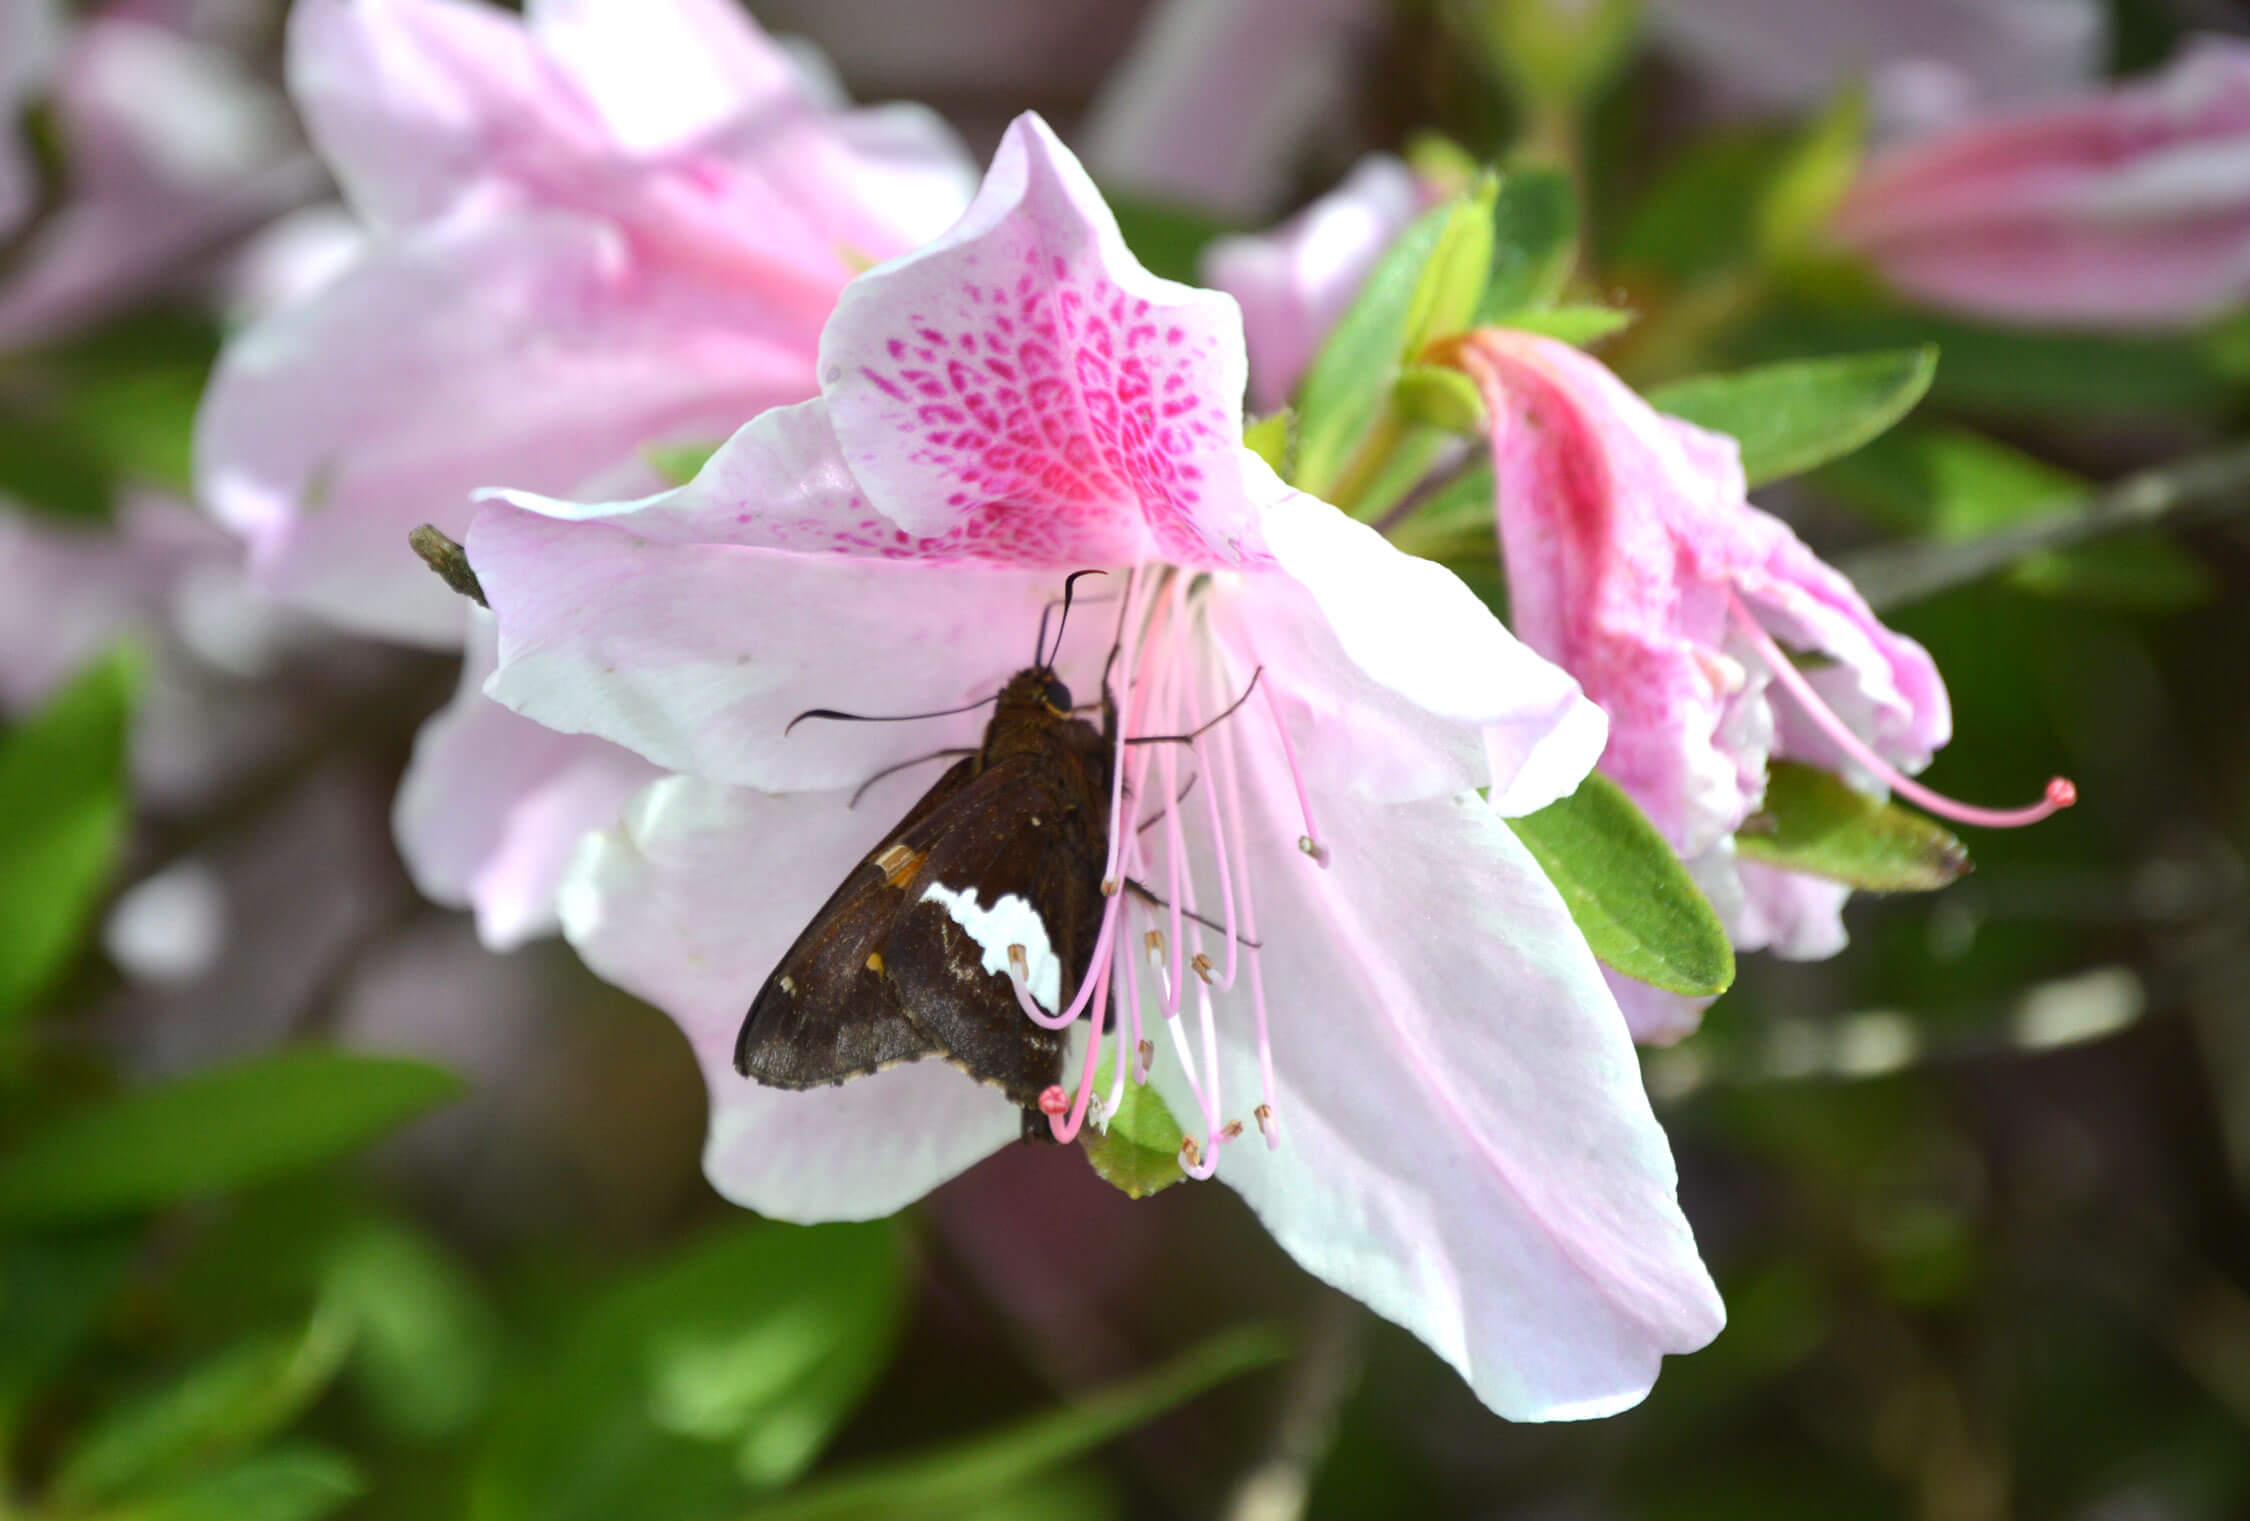 Silver-spotted skipper on azalea